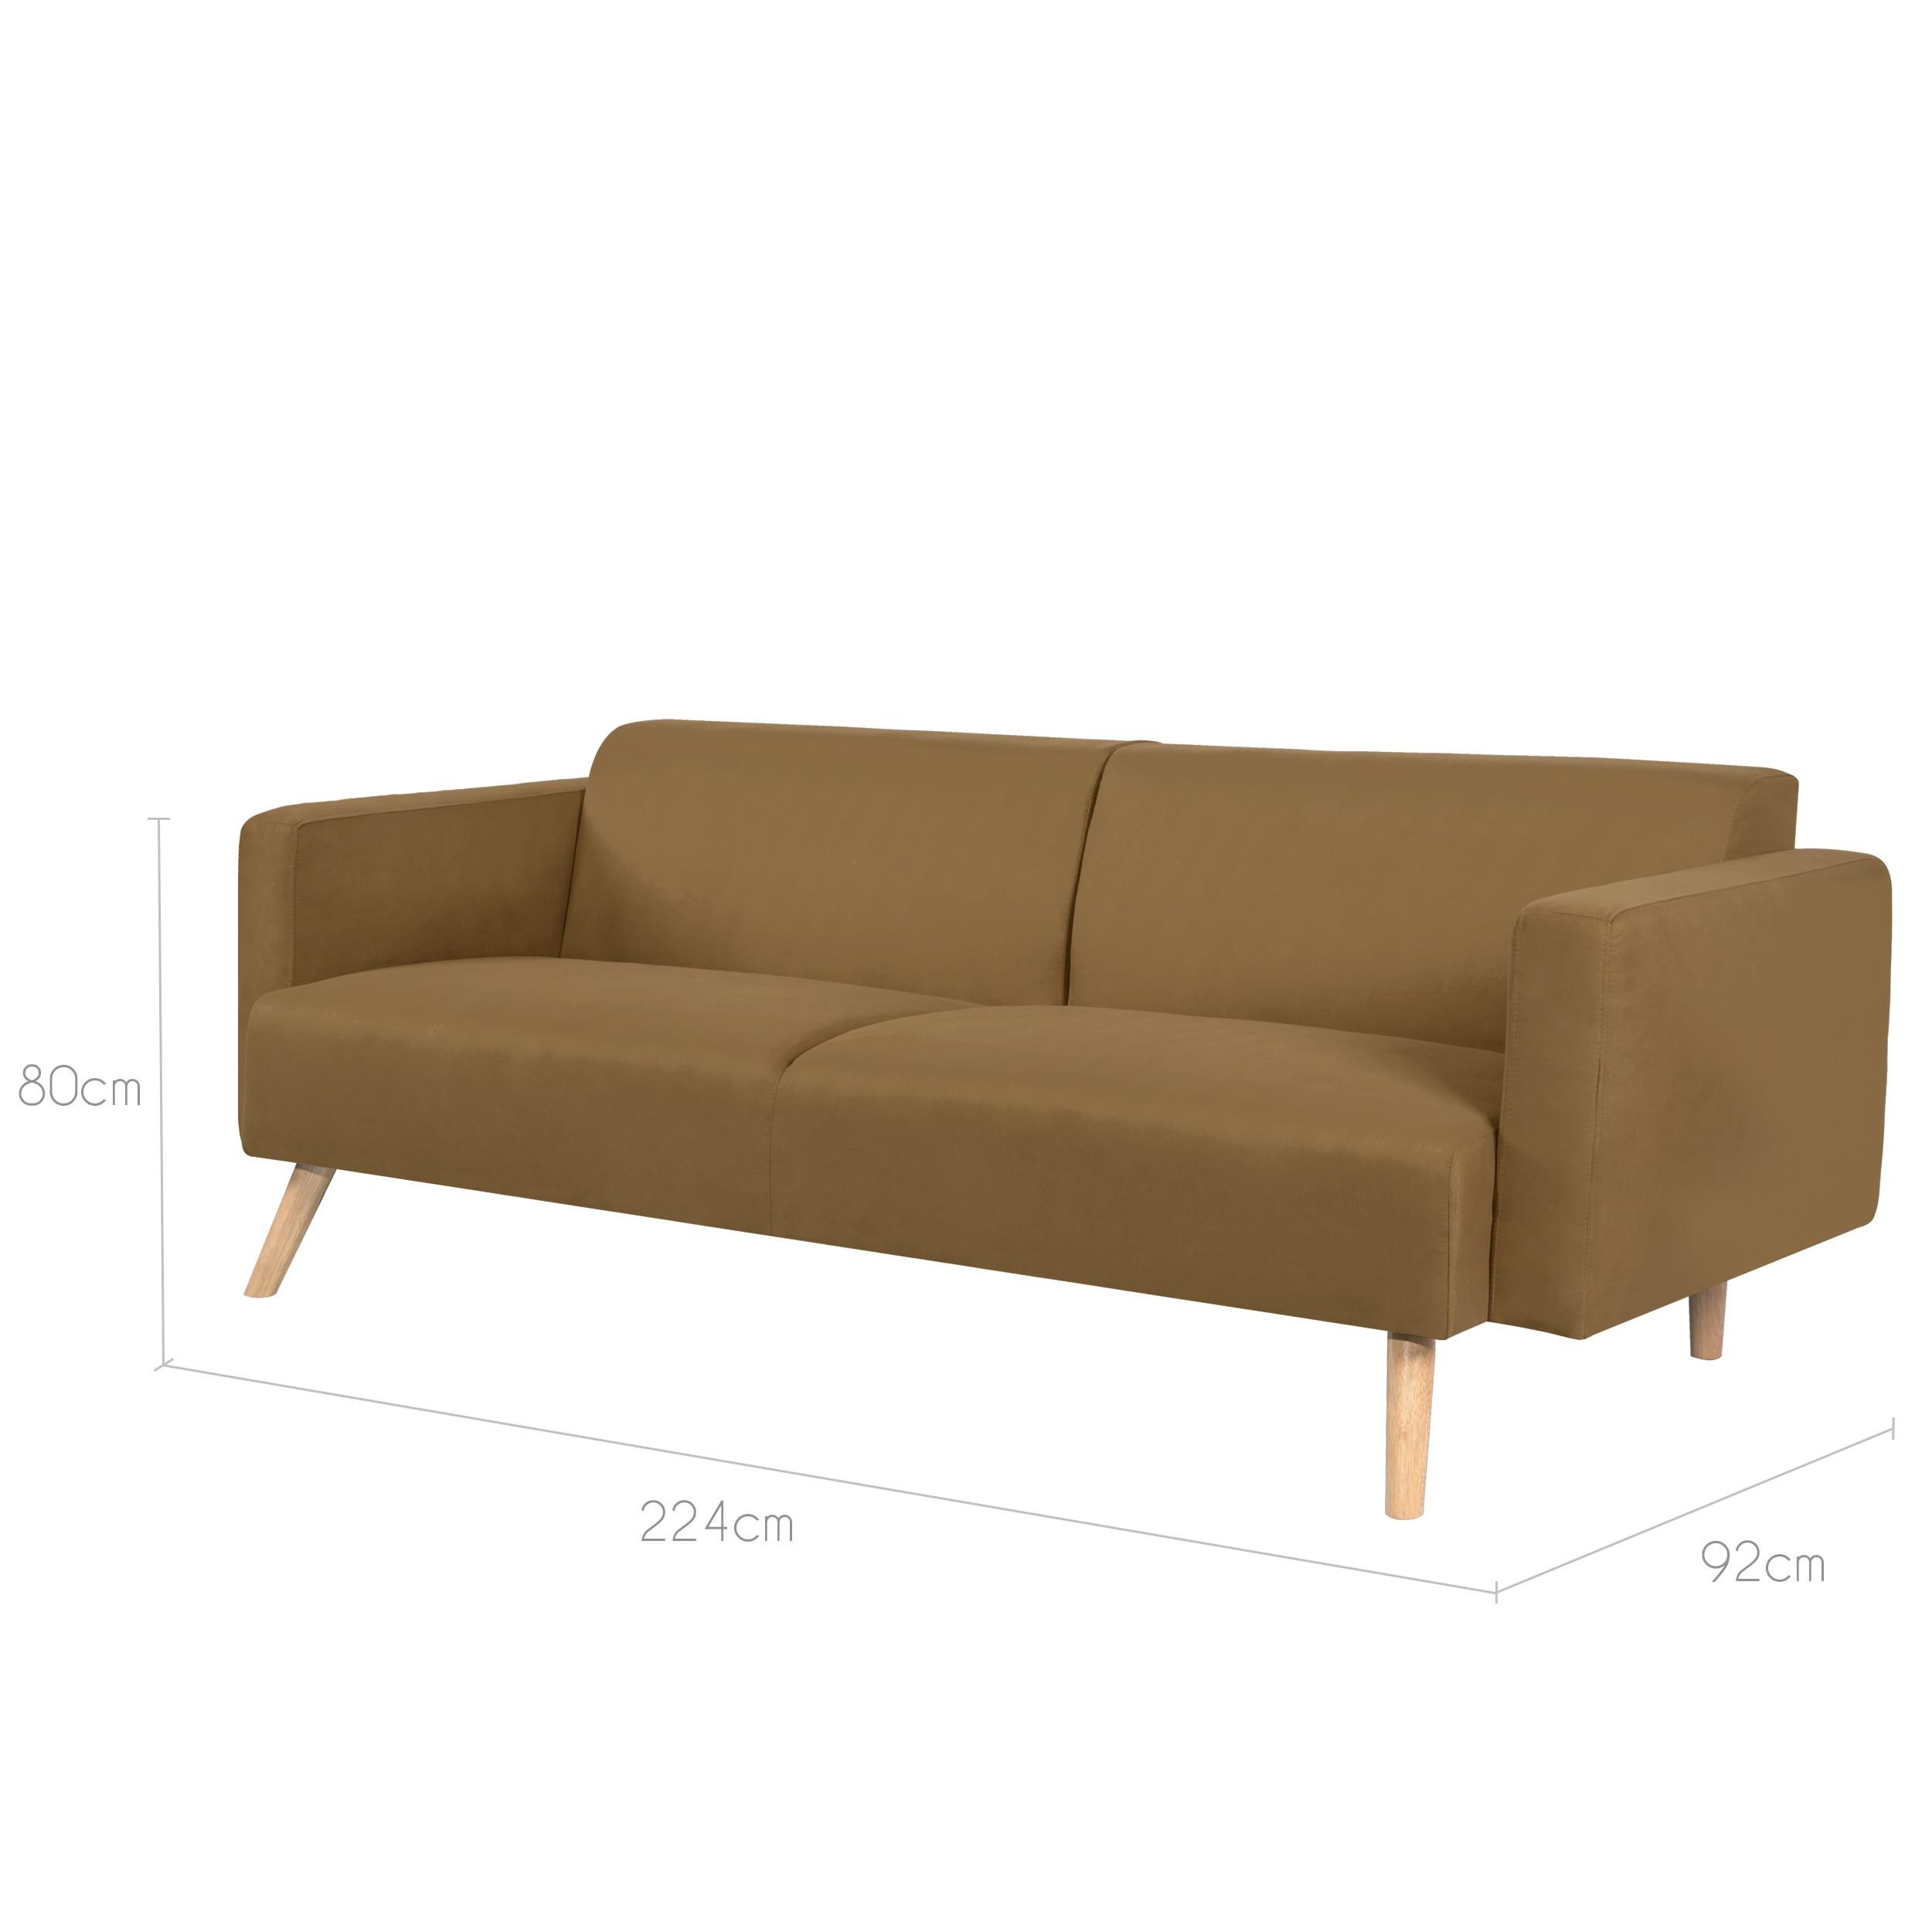 canap 3 places baltimore marron achetez nos canap s 3 places baltimore marrons design rdv d co. Black Bedroom Furniture Sets. Home Design Ideas